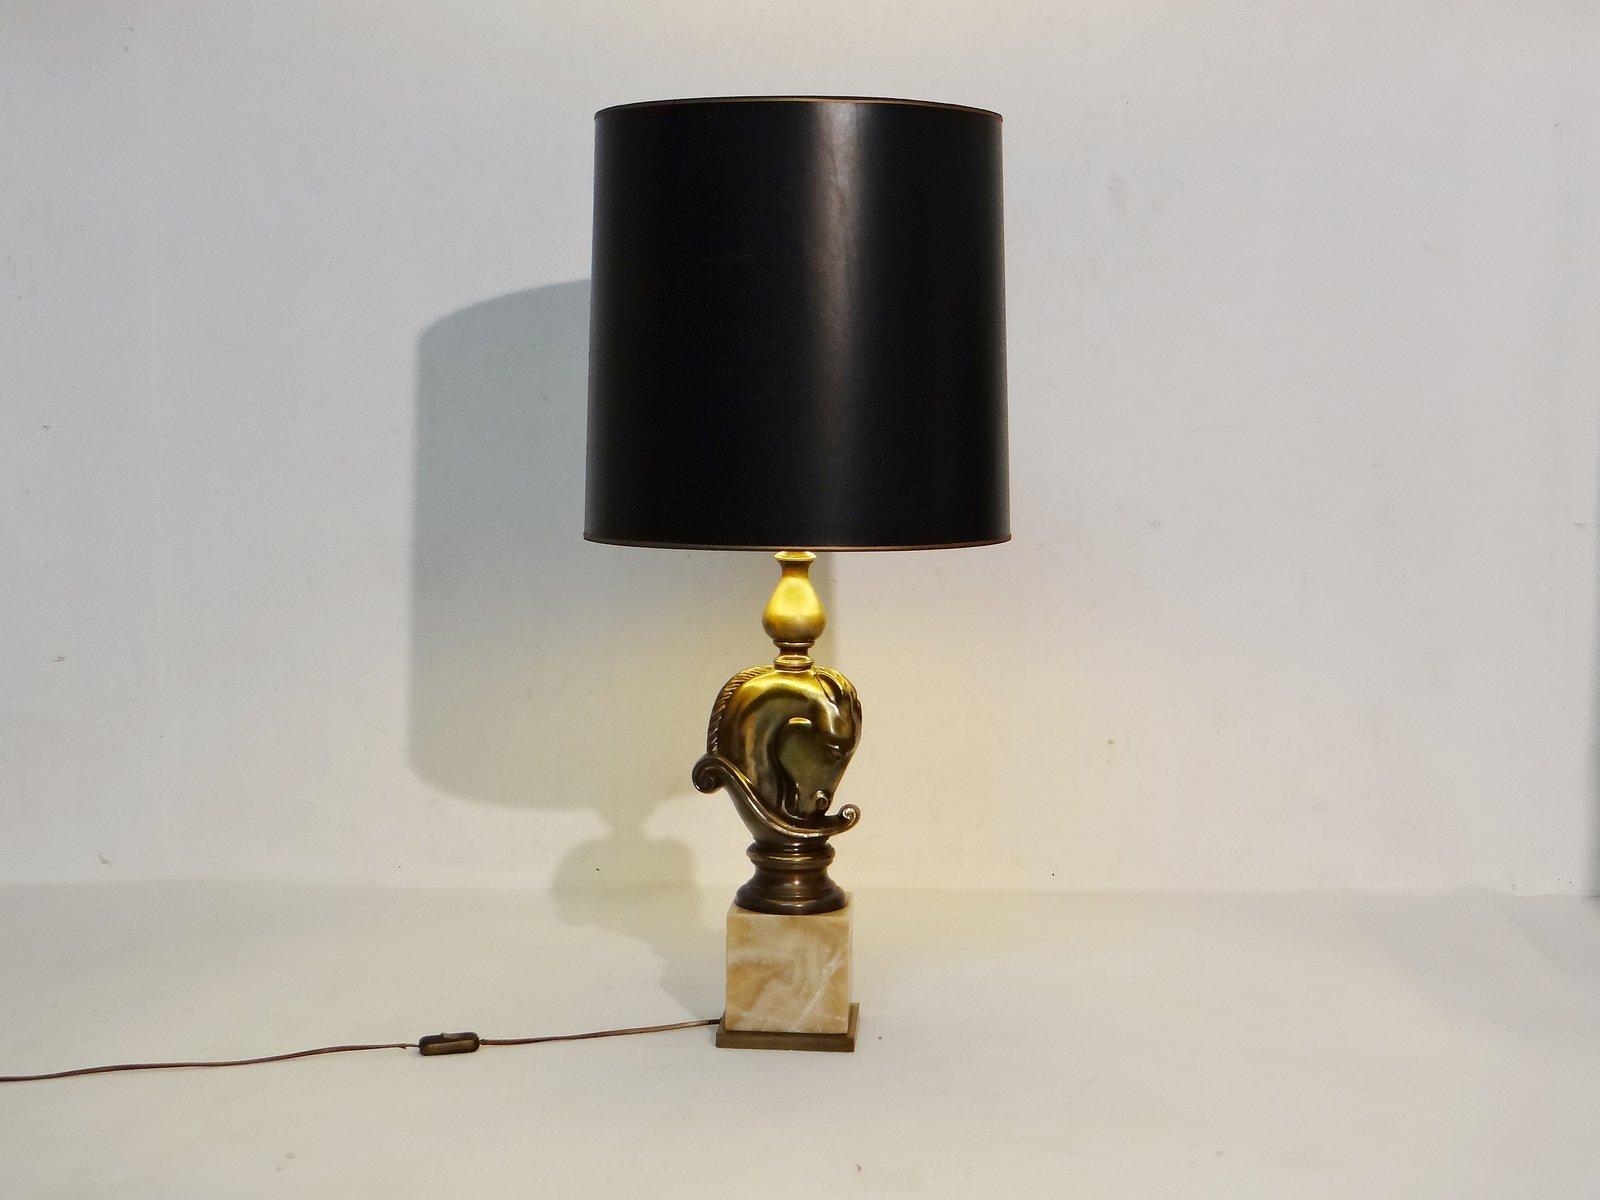 Vintage Pferdekopf Tischlampe von Deknudt